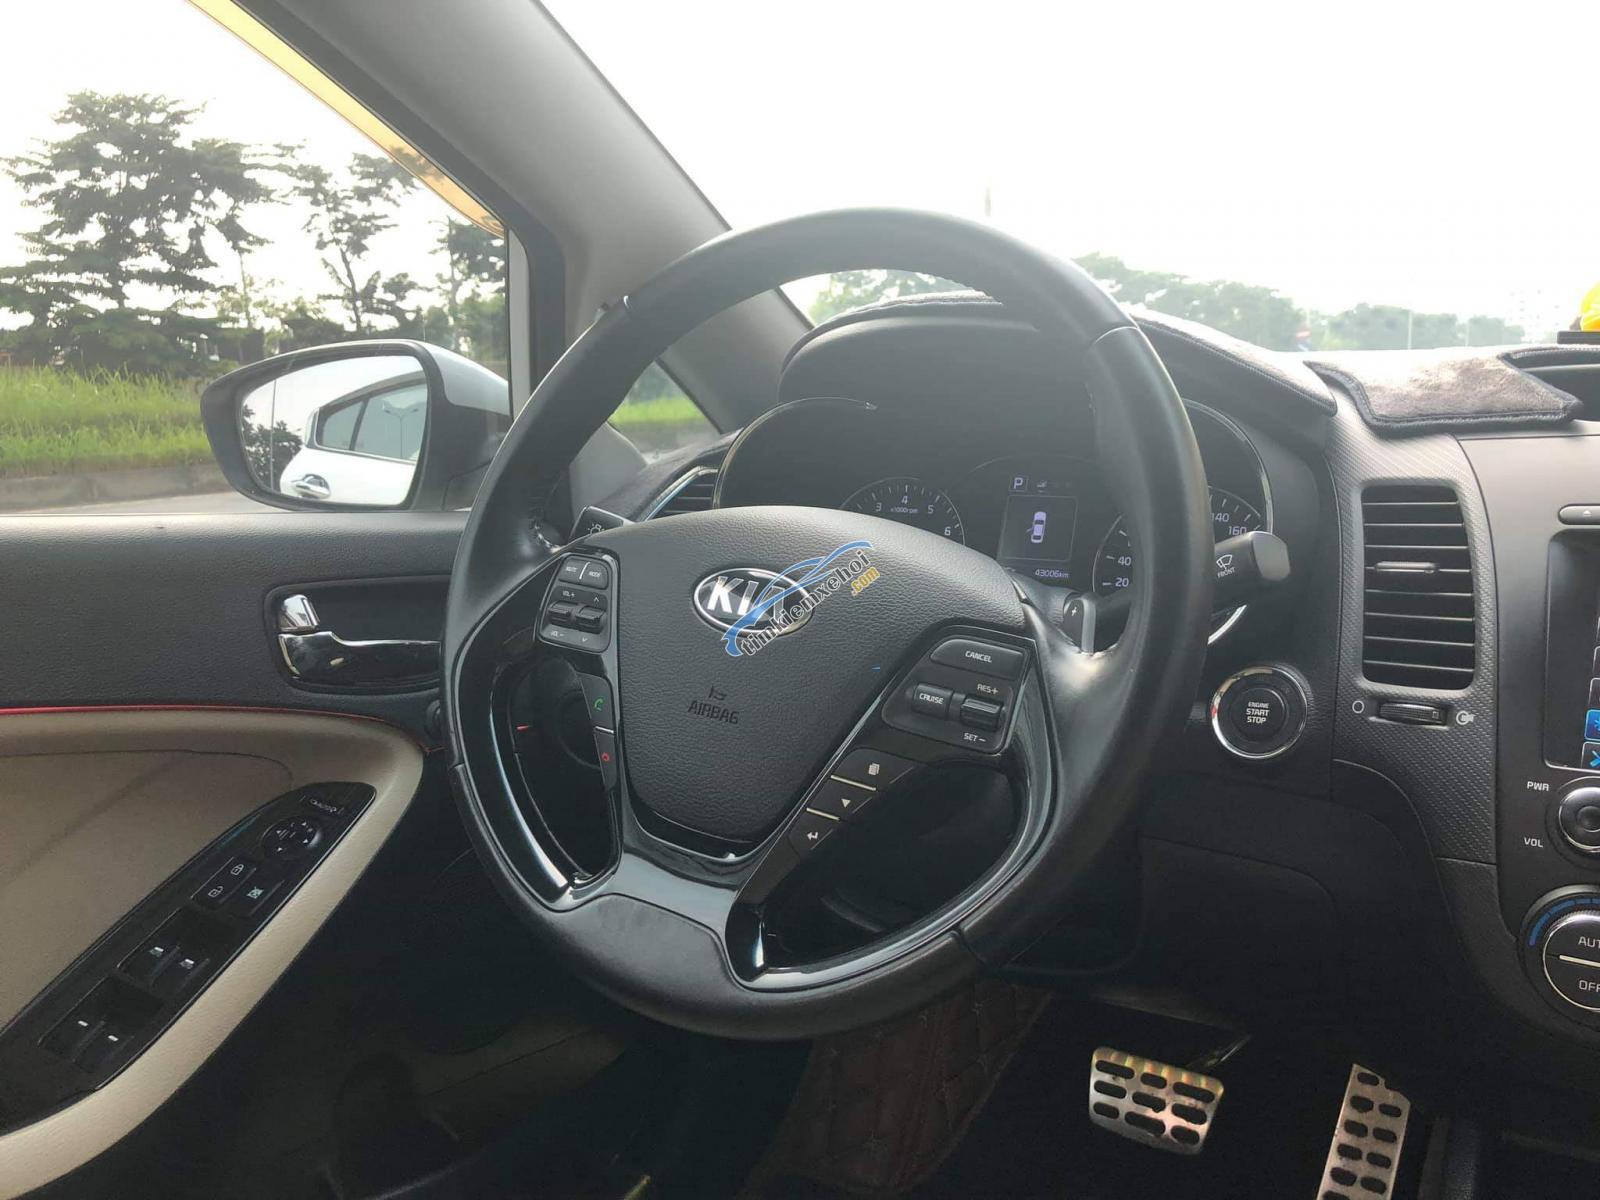 Cần bán Kia Cerato 1.6AT 2016, xe chính chủ từ đầu, đi rất giữ gìn, chạy 4,2 vạn km